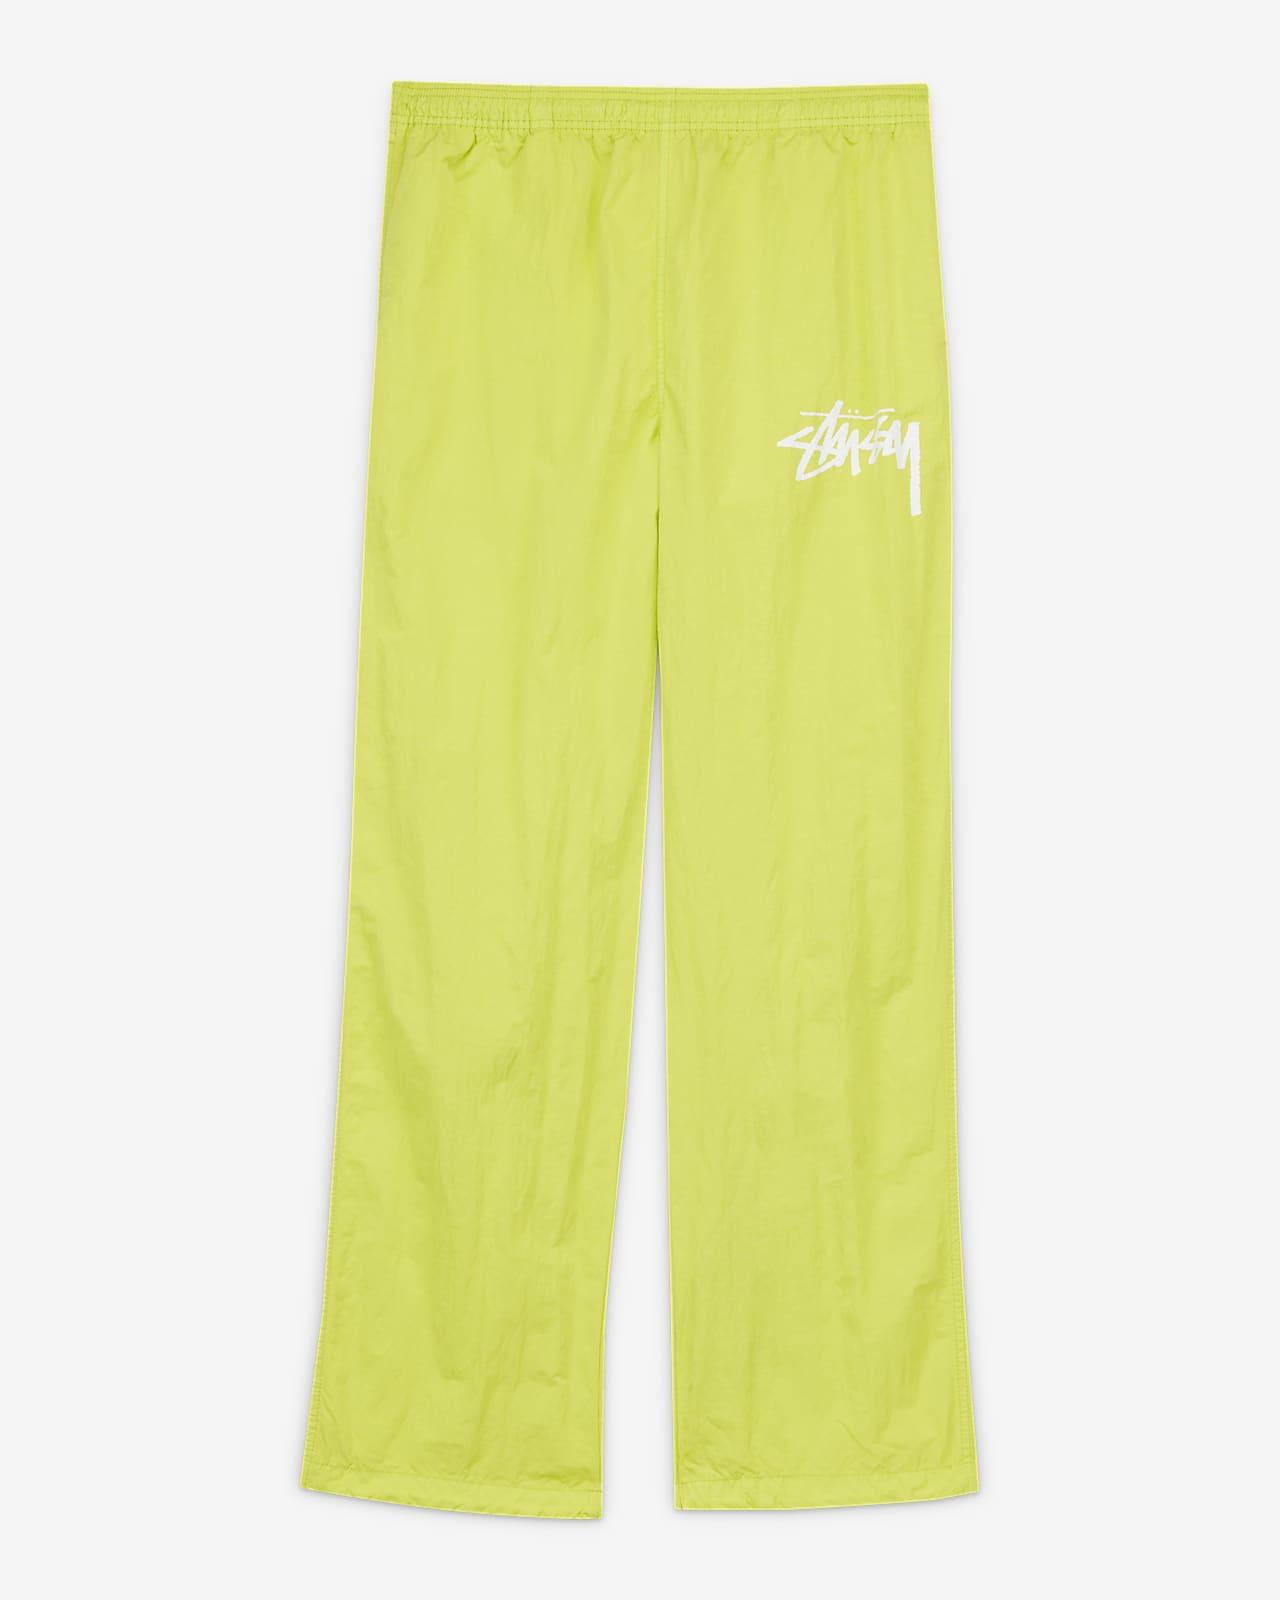 Nike x Stüssy Beach Pants